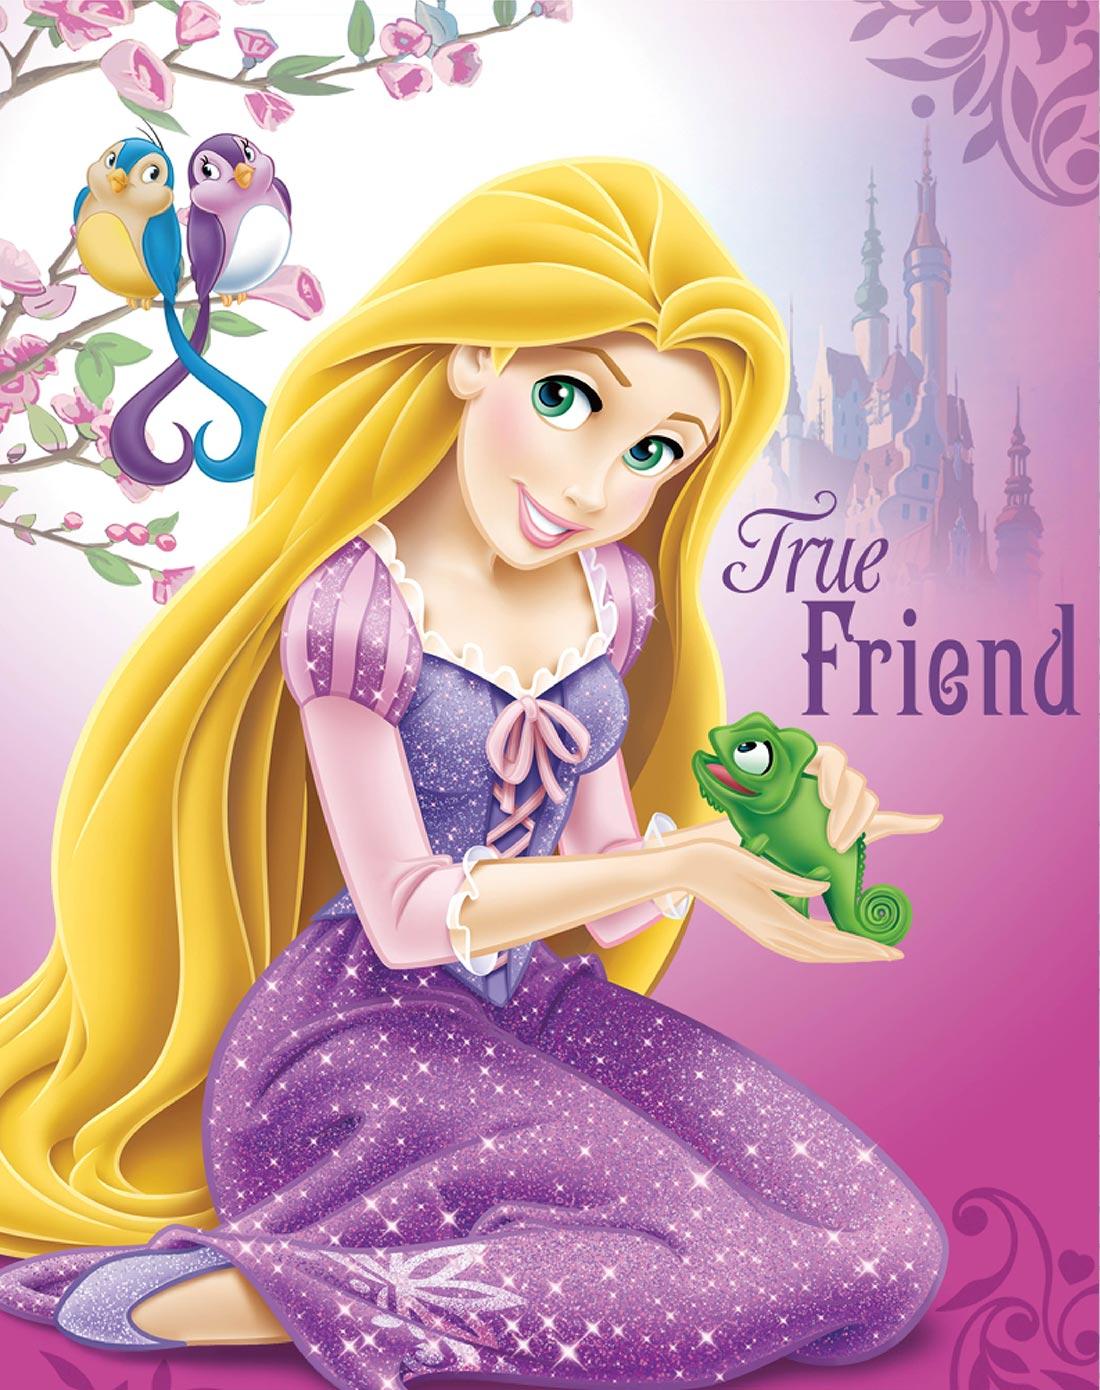 迪士尼disney儿童家具专场 > 挂画-长发公主之动物情缘